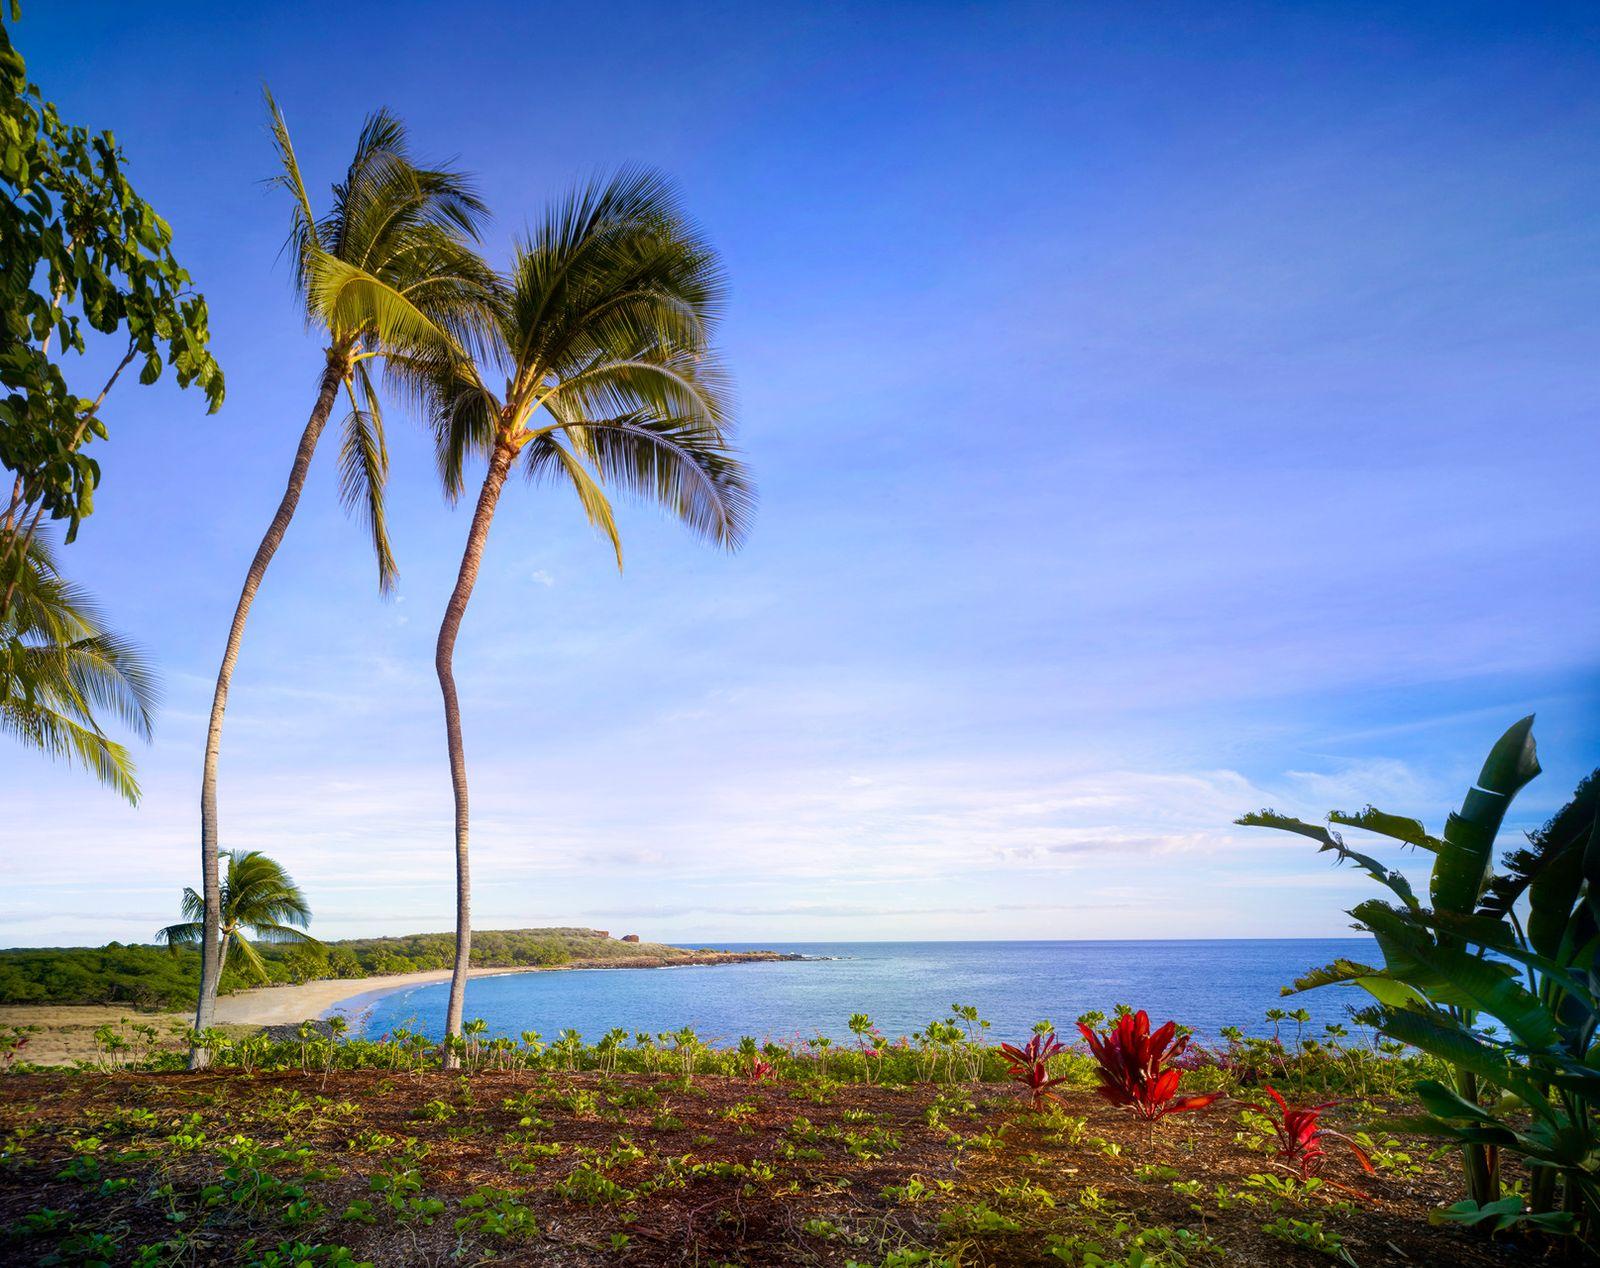 まるで地上の楽園!ホテルライフも素敵なハワイ・ラナイ島の魅力とは